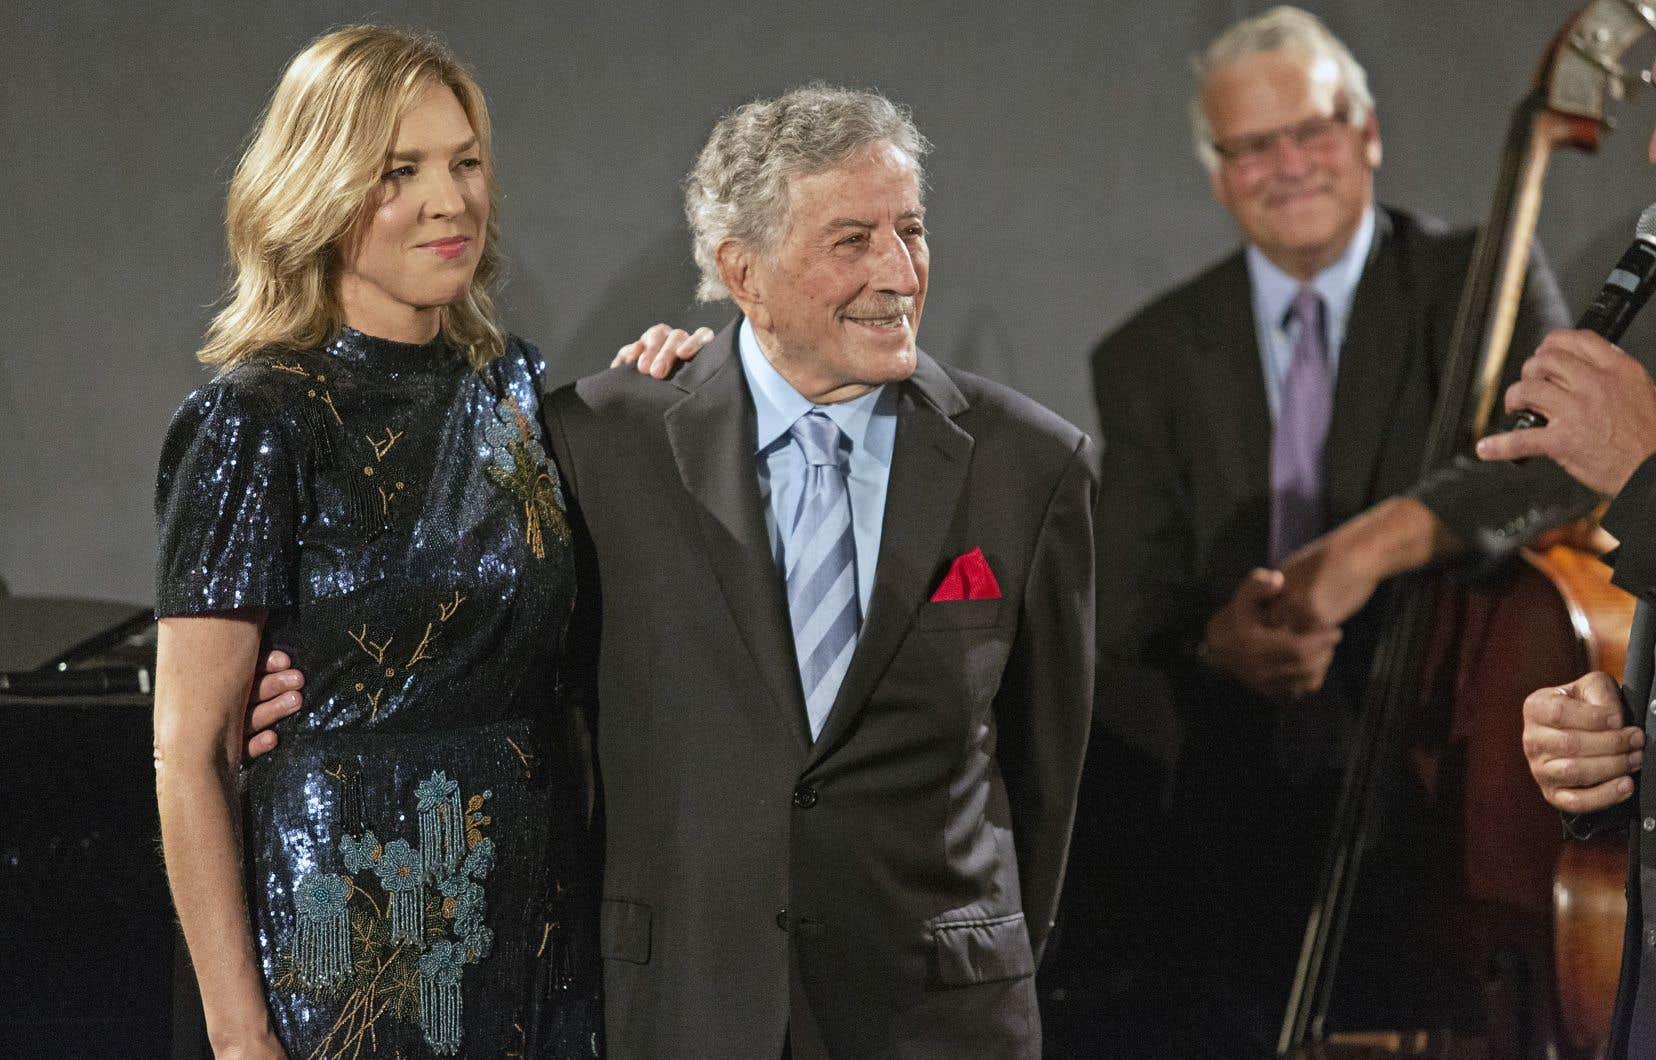 Tony Bennett et Diana Krall célèbrent leur amour partagé pour la musique d'un autre duo iconique, George et Ira Gershwin.